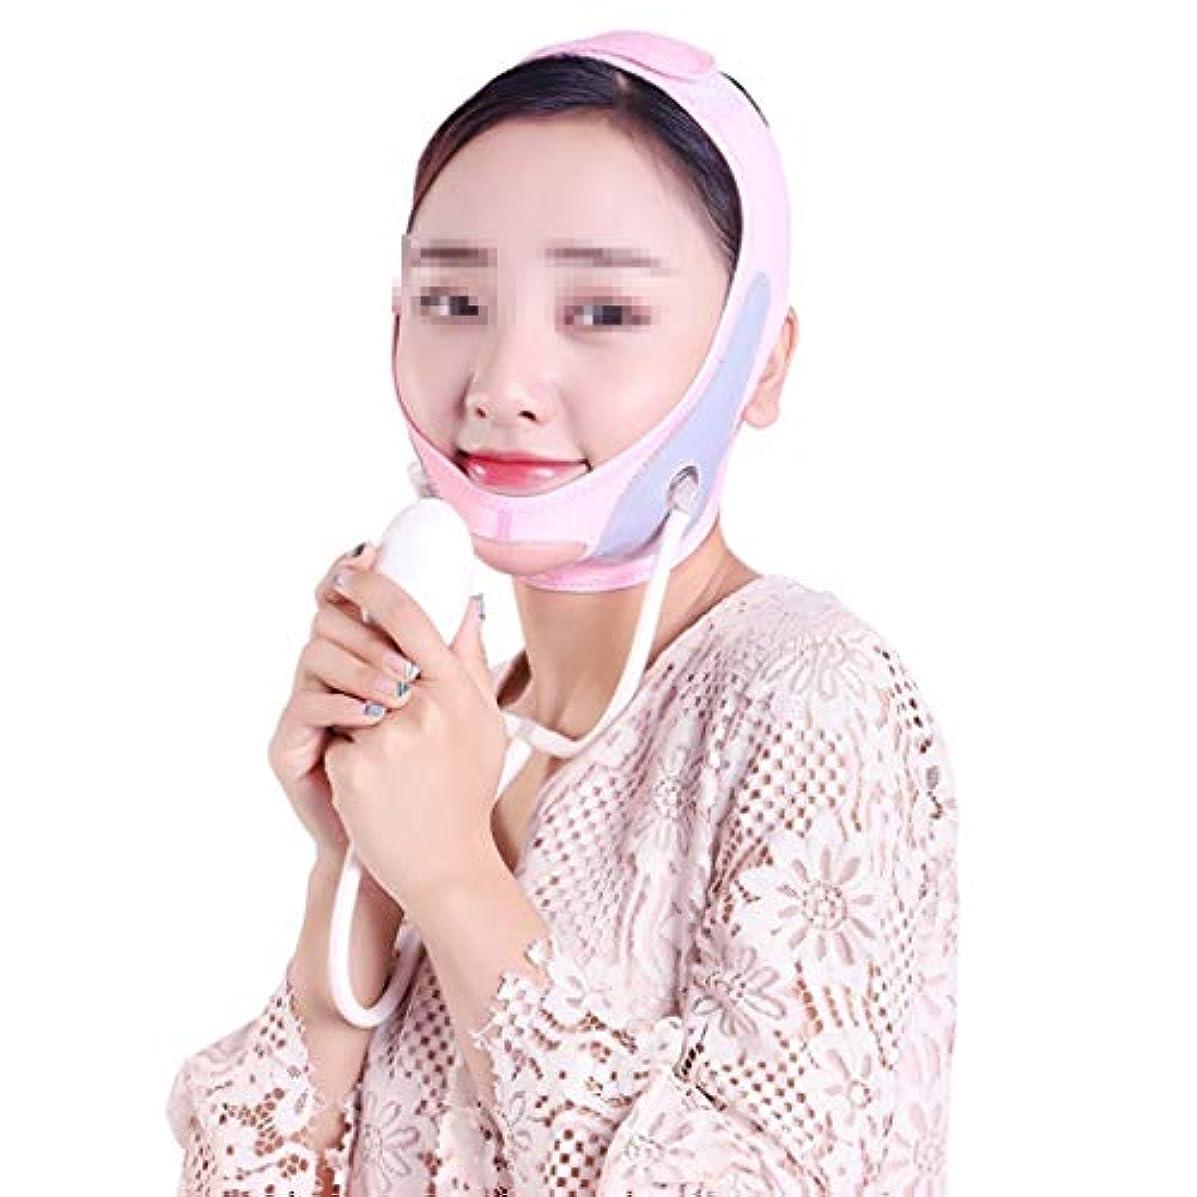 フラフープメッセージクリップインフレータブルフェイスリフティングマスク、小さなVフェイスステッカーリフトプル形状の筋肉引き締め肌二重あご包帯